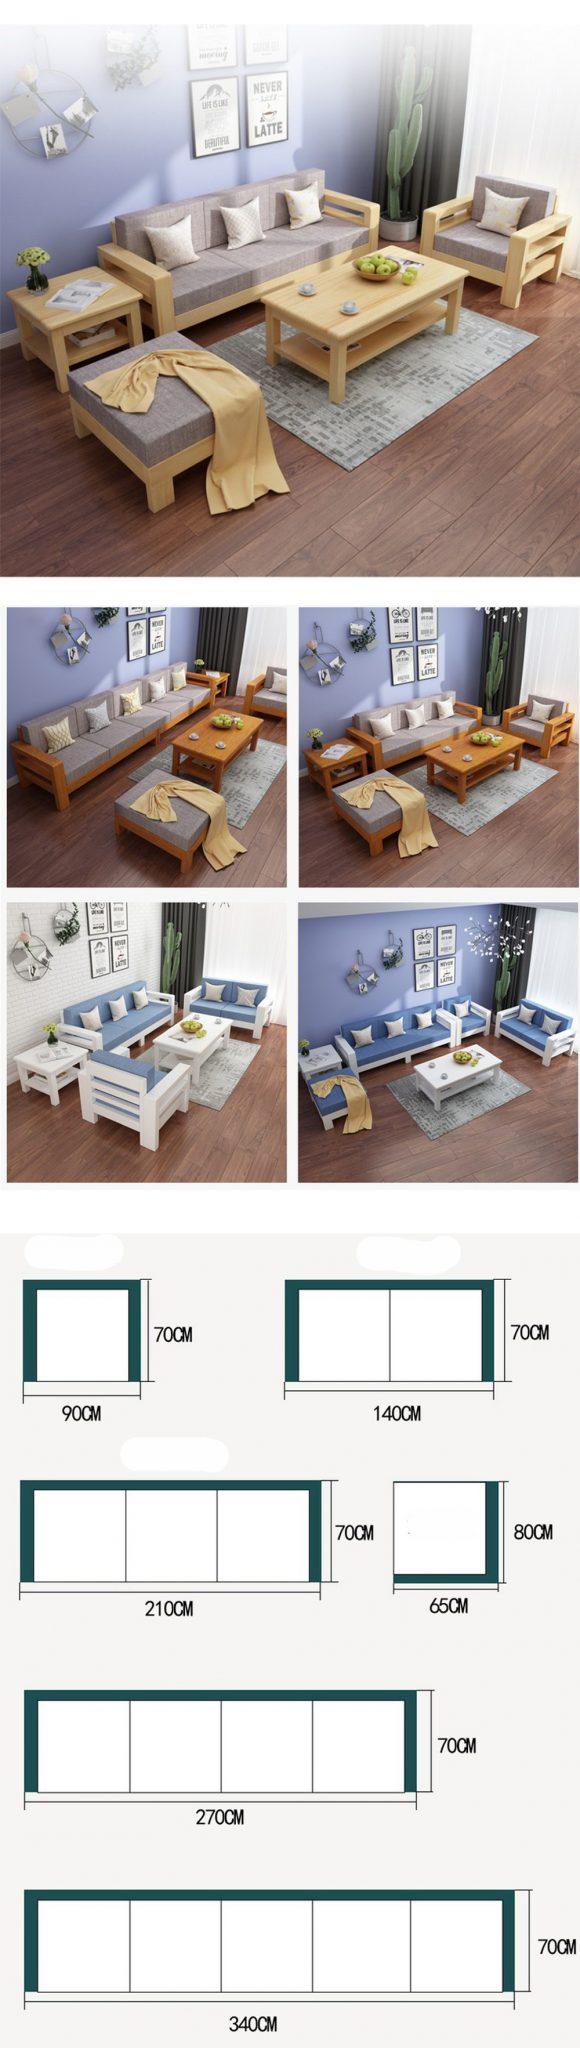 Sẽ thật ấn tượng nếu như bạn quan tâm tới việc đầu tư sofa loại mới nhất, có chất lượng đảm bảo.